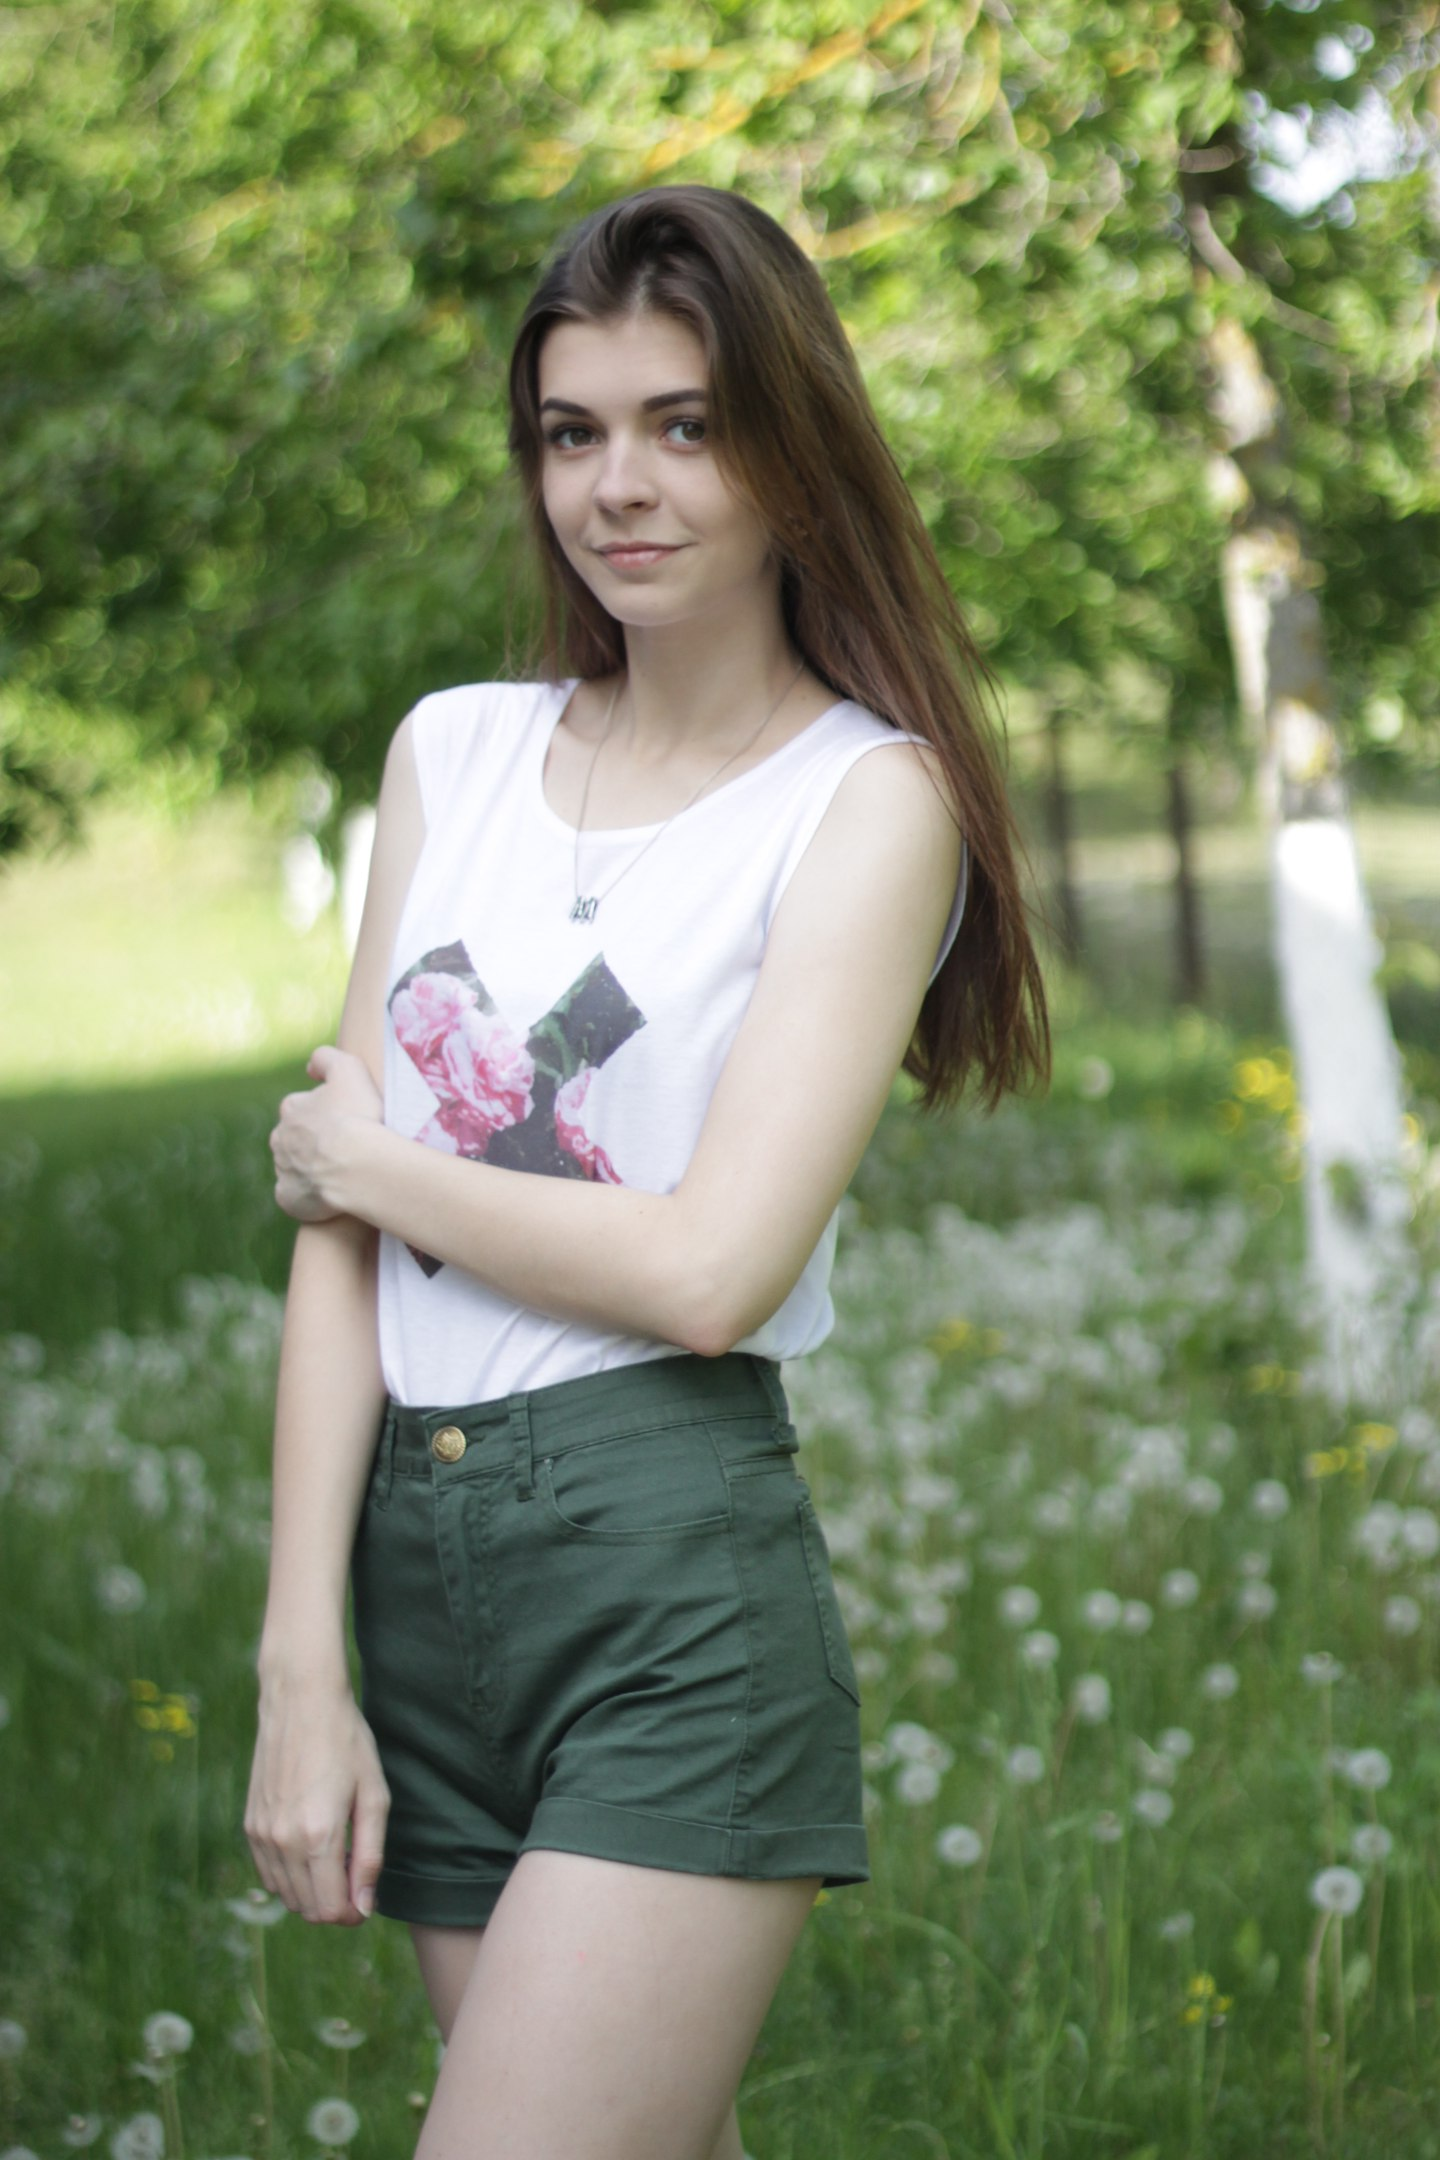 Хочу посоветовать прекрасно сочетающиеся между собой шорты популярного цвета хаки и белую майку